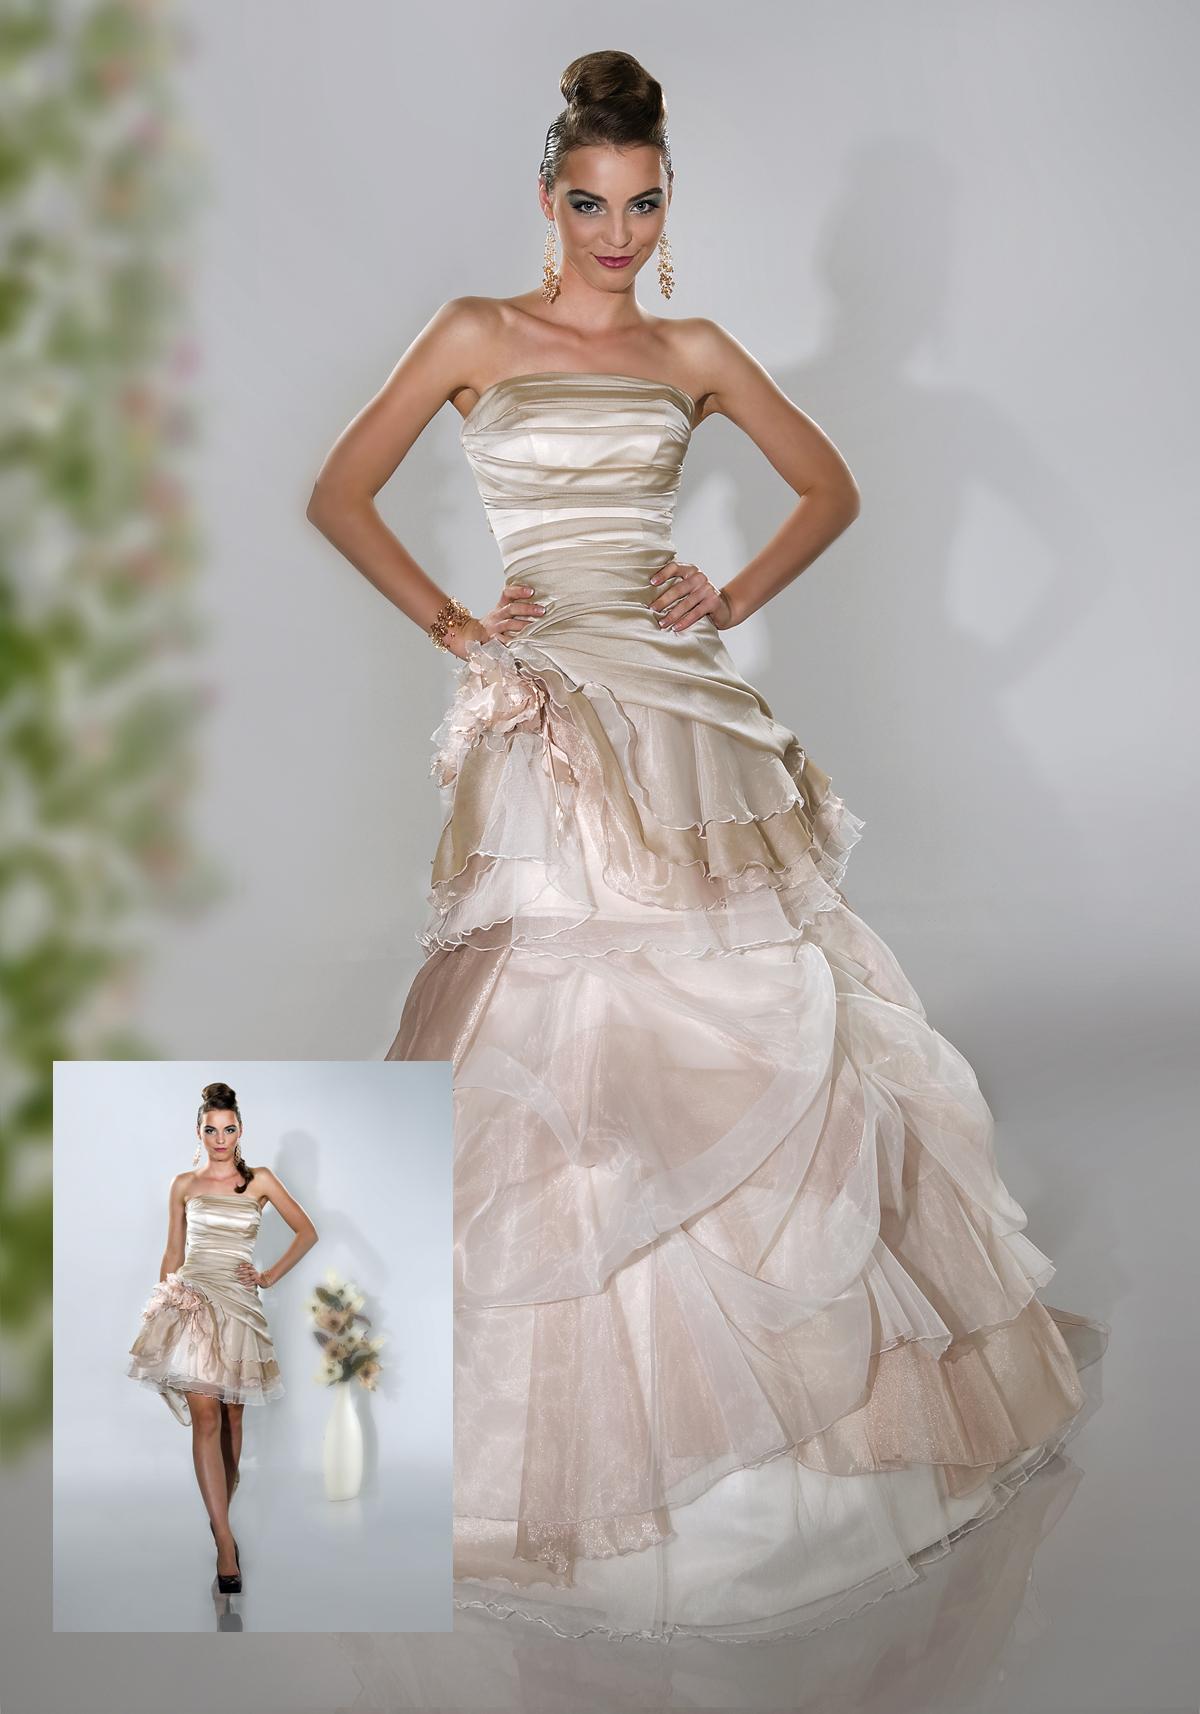 ... - Brautkleid Tatjana mit abnehmbaren Rock aus Organza beige creme